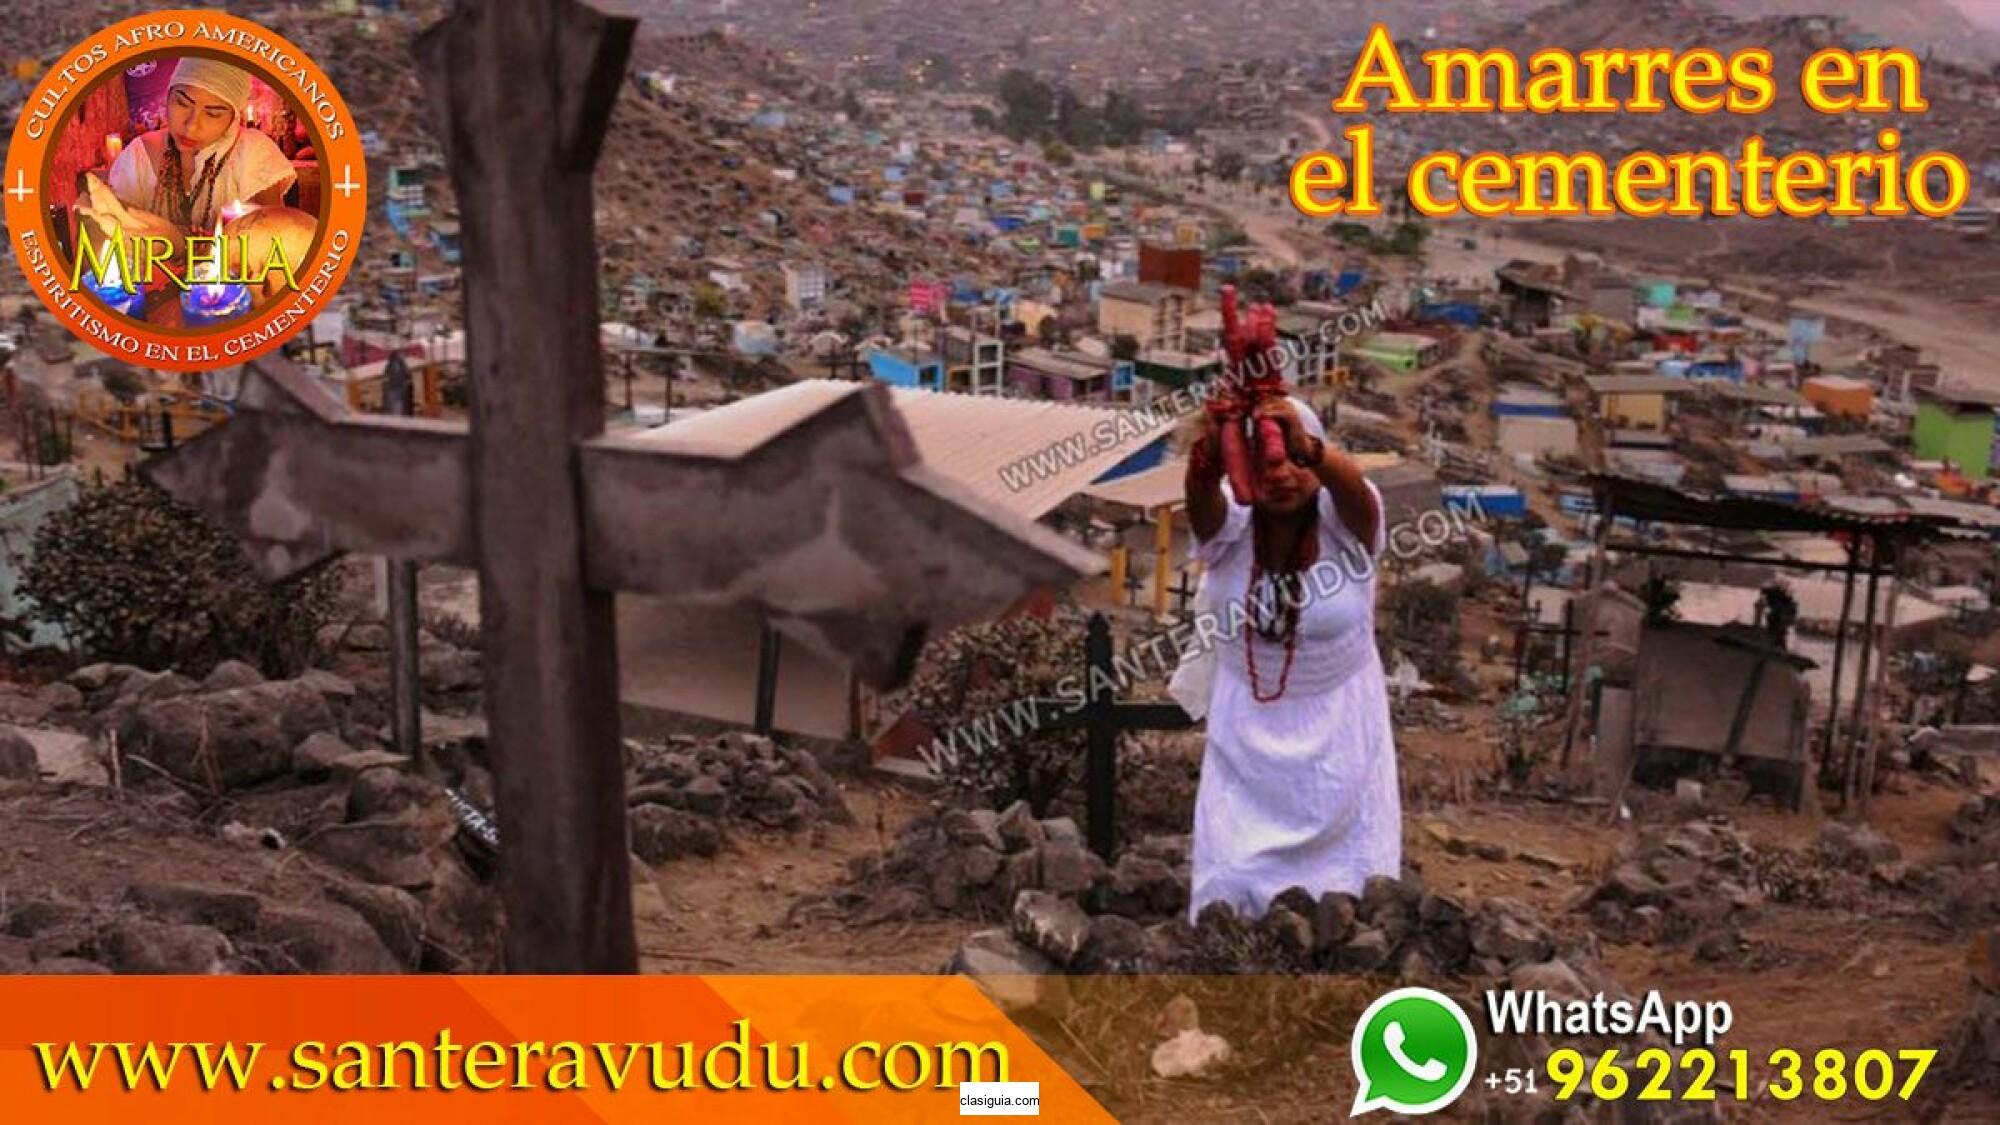 SANTERA VUDU MIRELLA EN ECUADOR